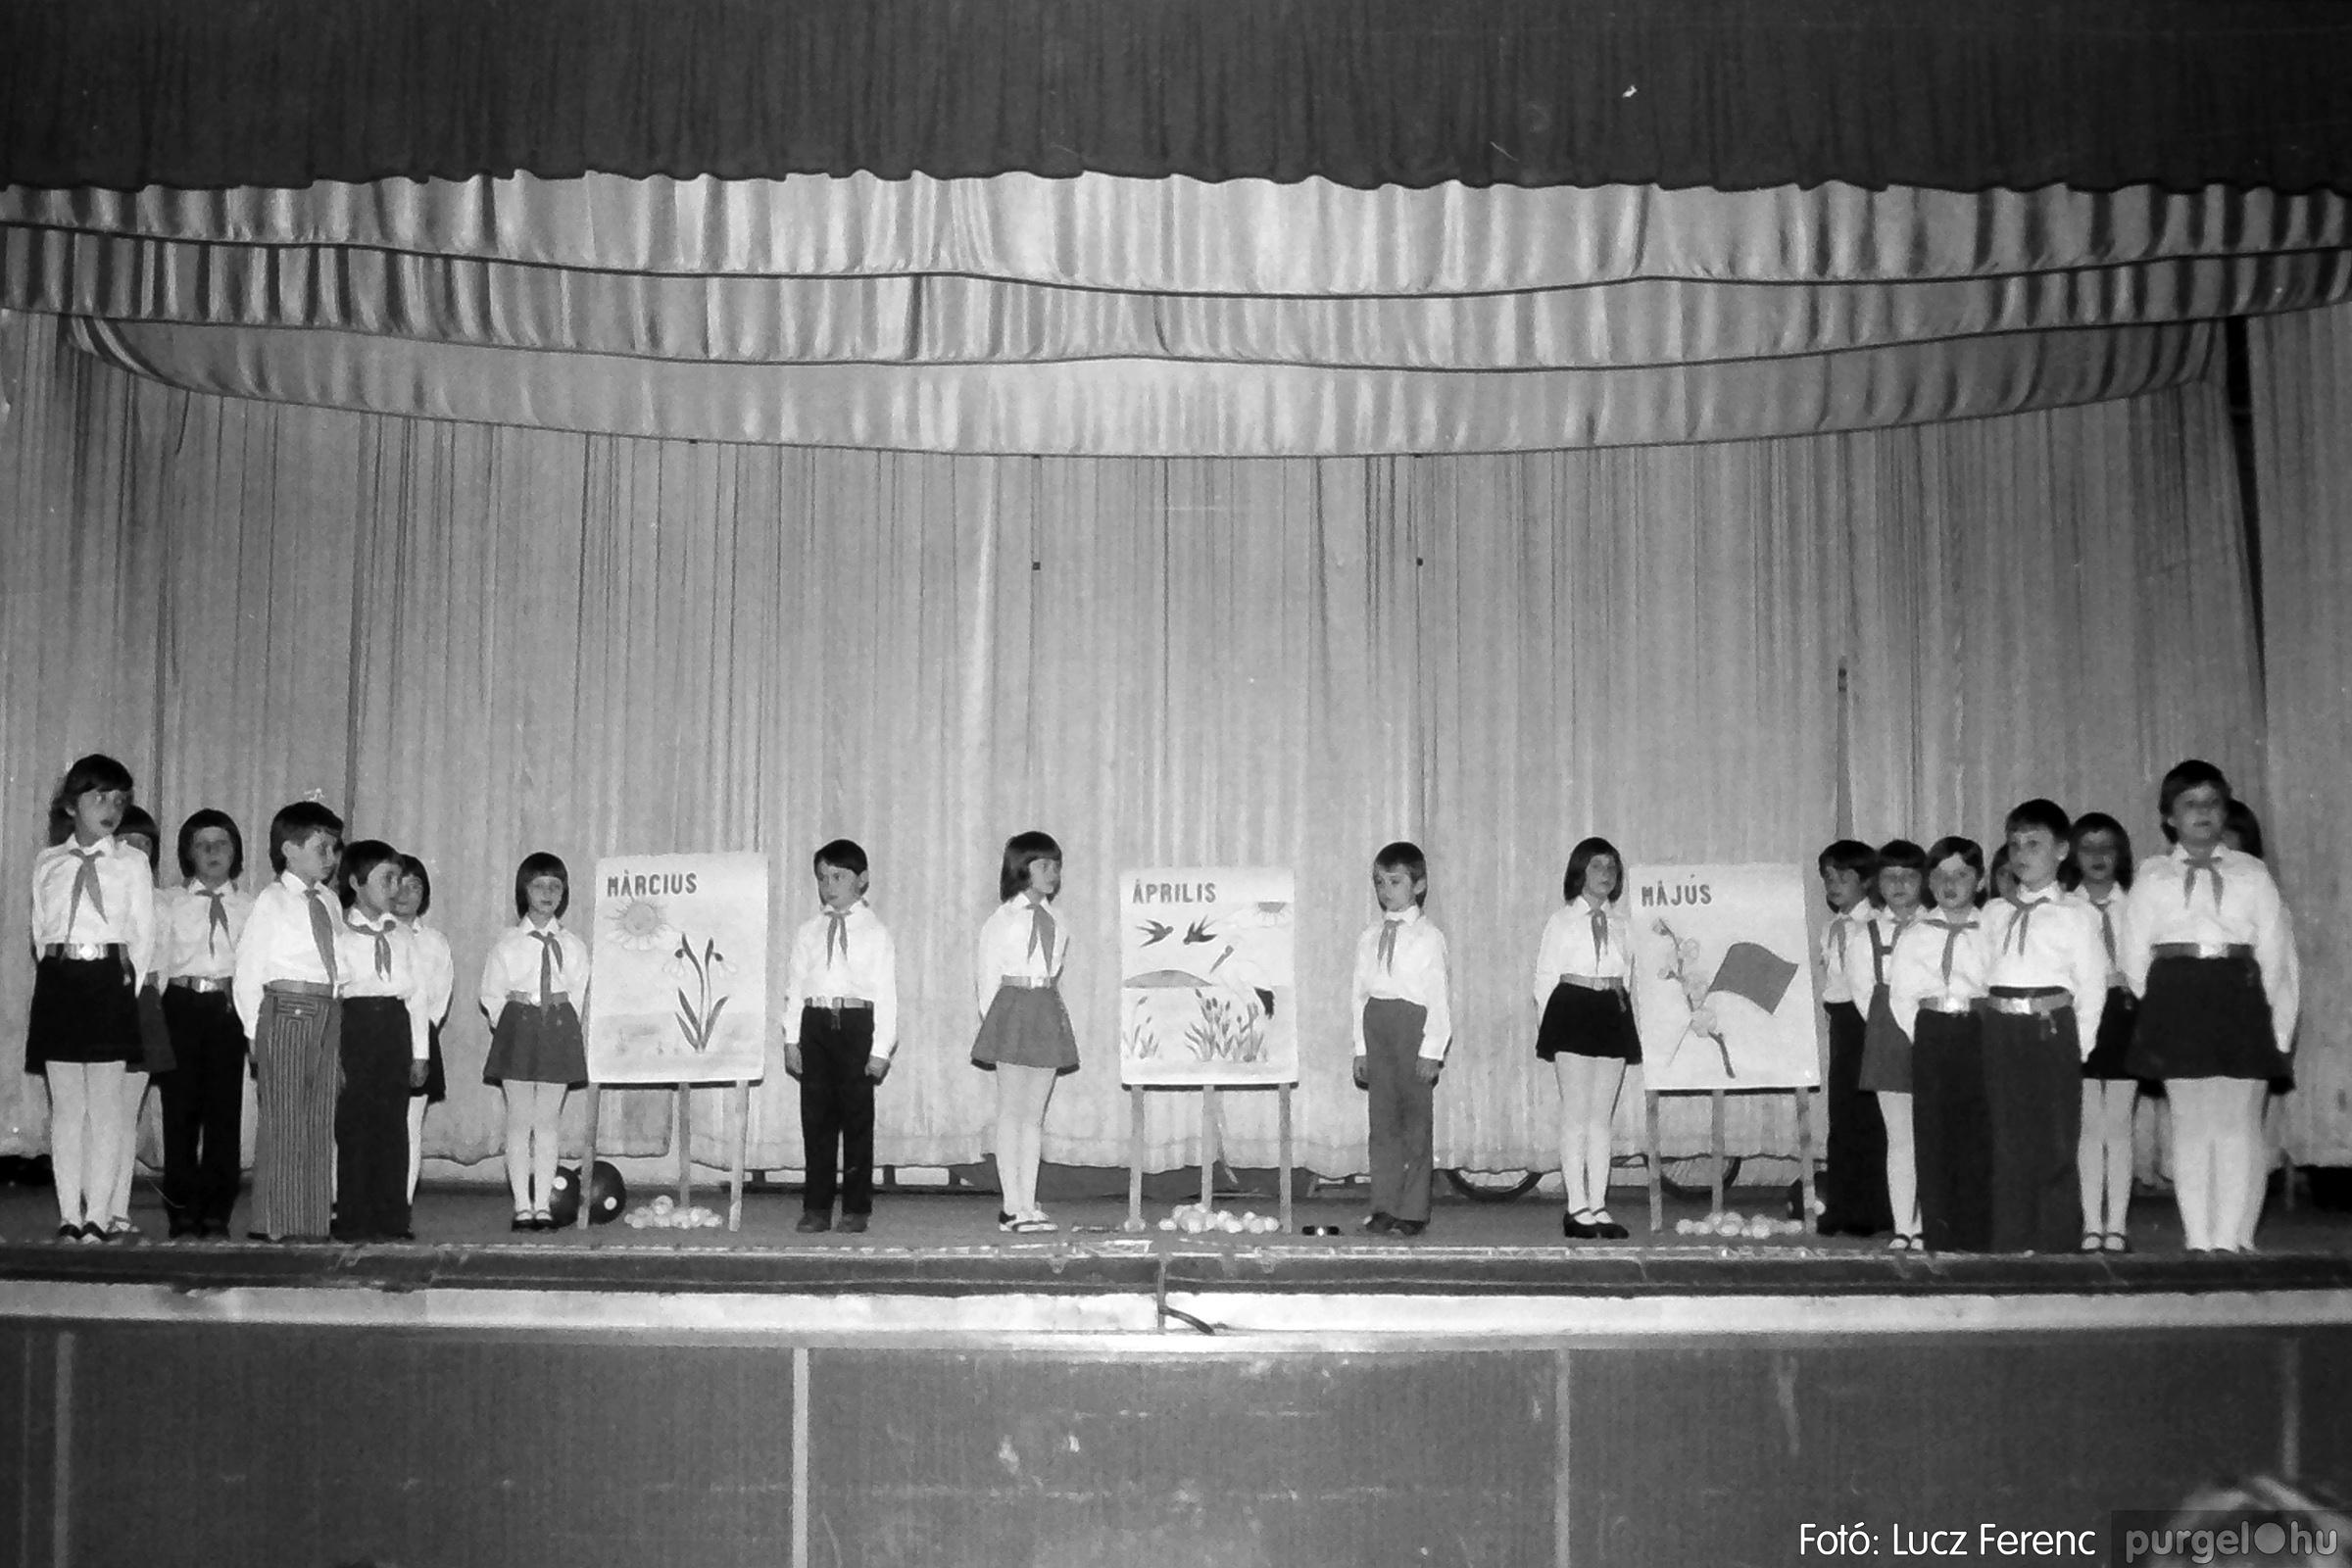 076. 1977. Iskolások fellépése a kultúrházban 015. - Fotó: Lucz Ferenc.jpg